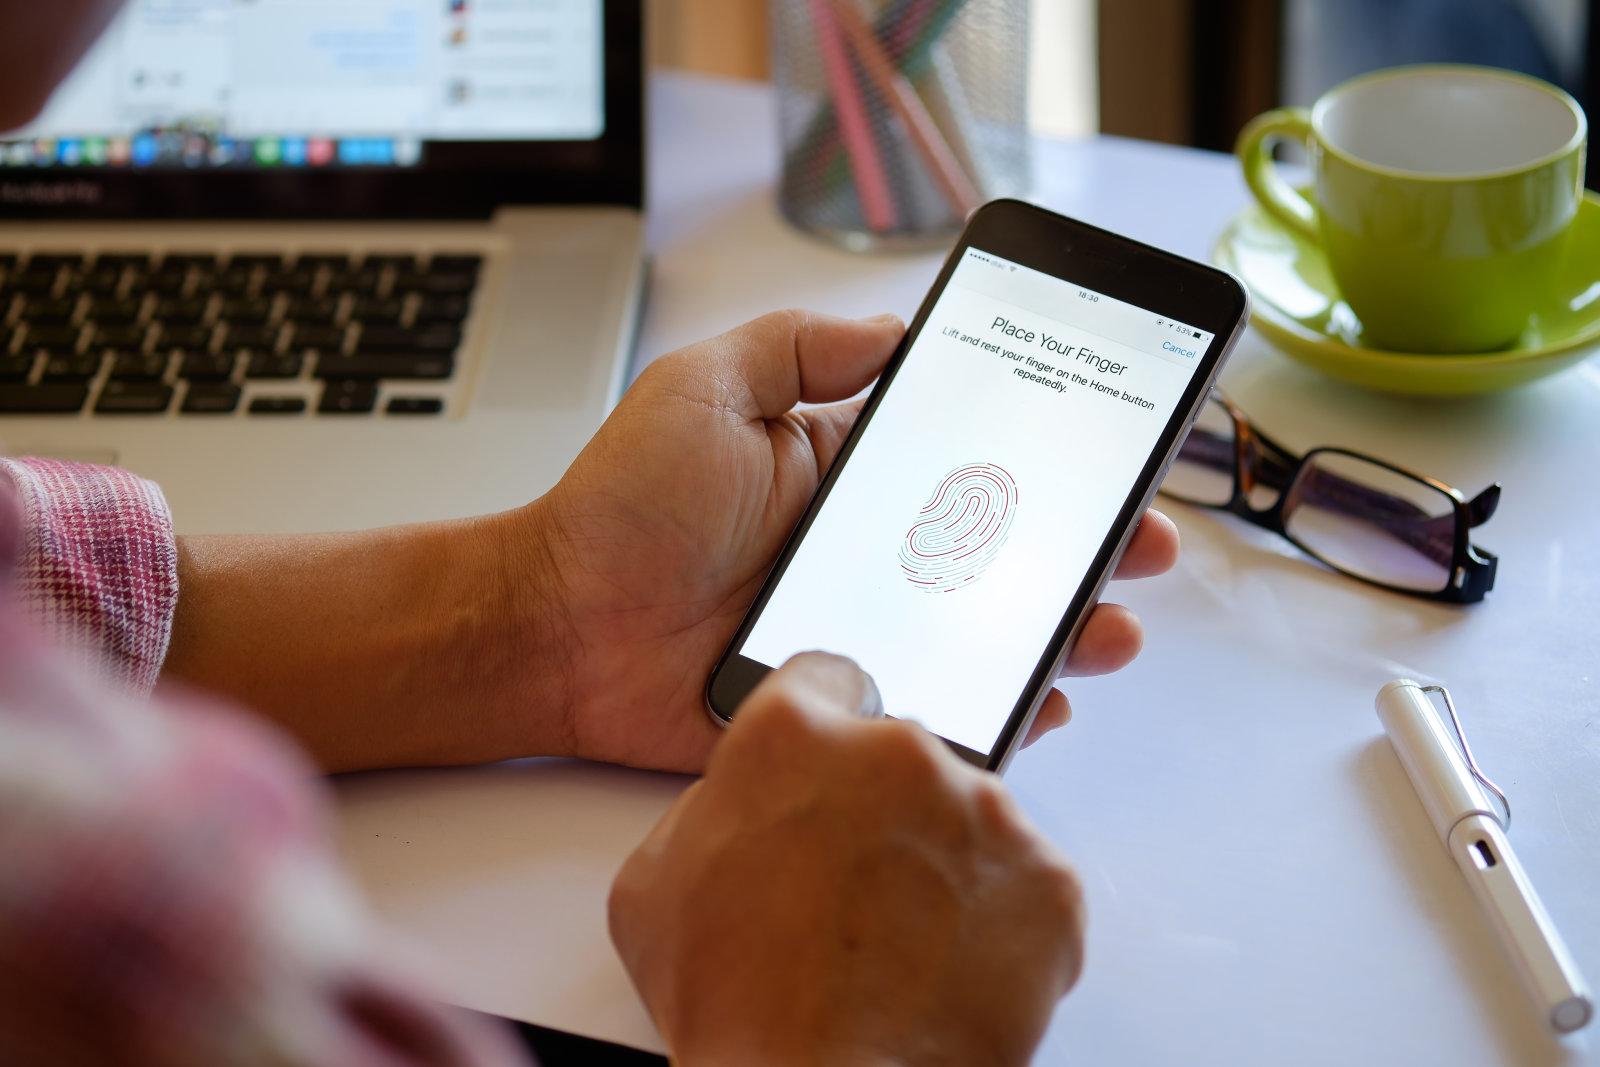 Российский рынок биометрических технологий вырастет в 2,5 раза к концу 2022